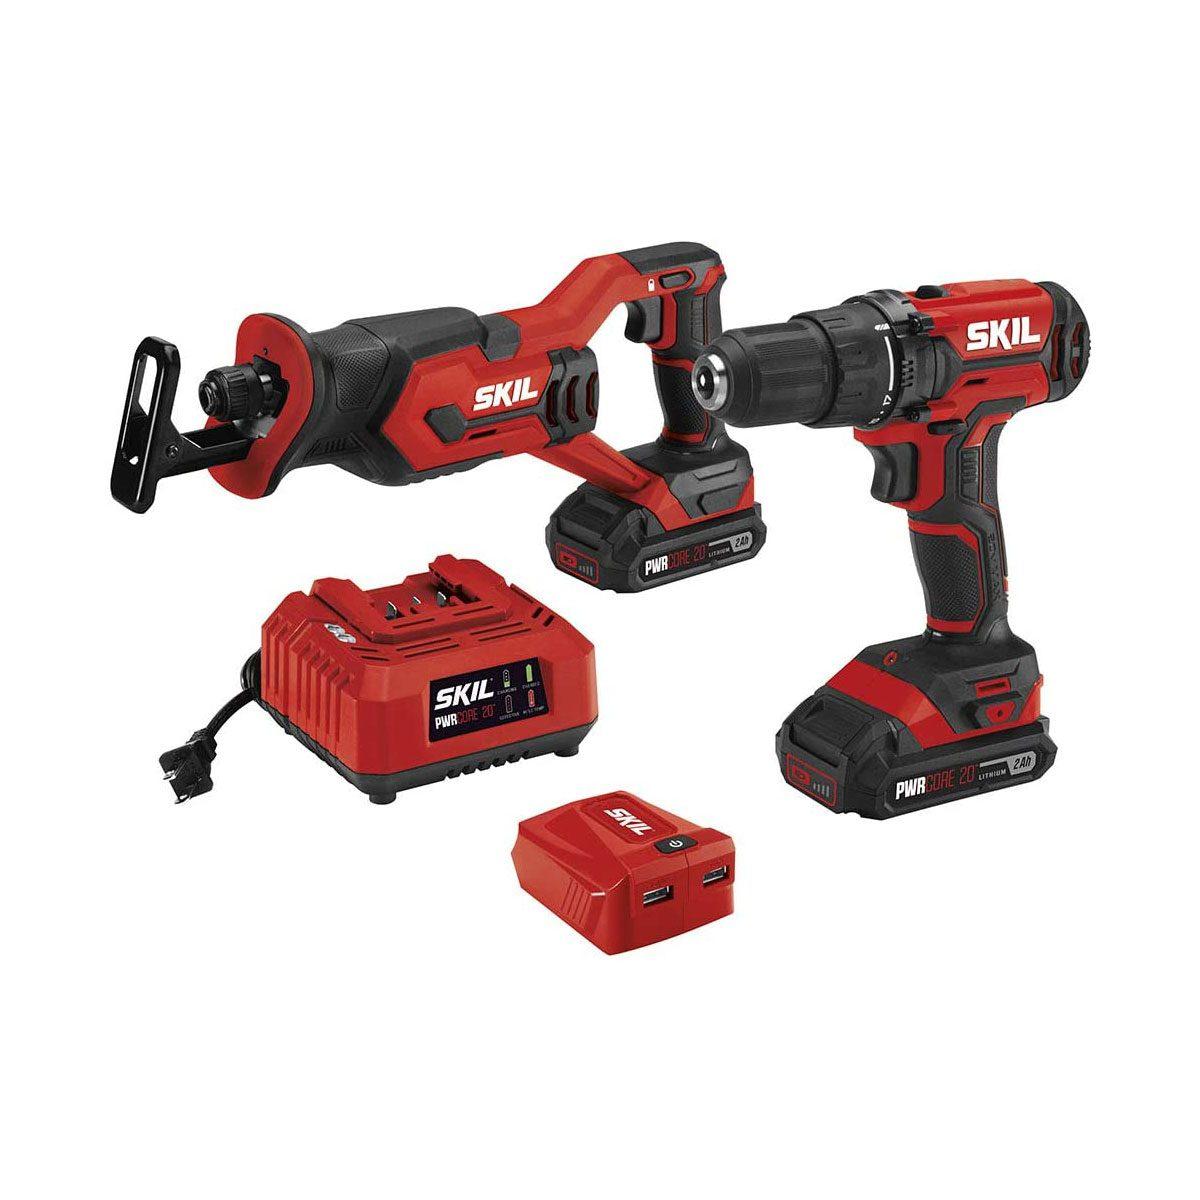 Two tool kit